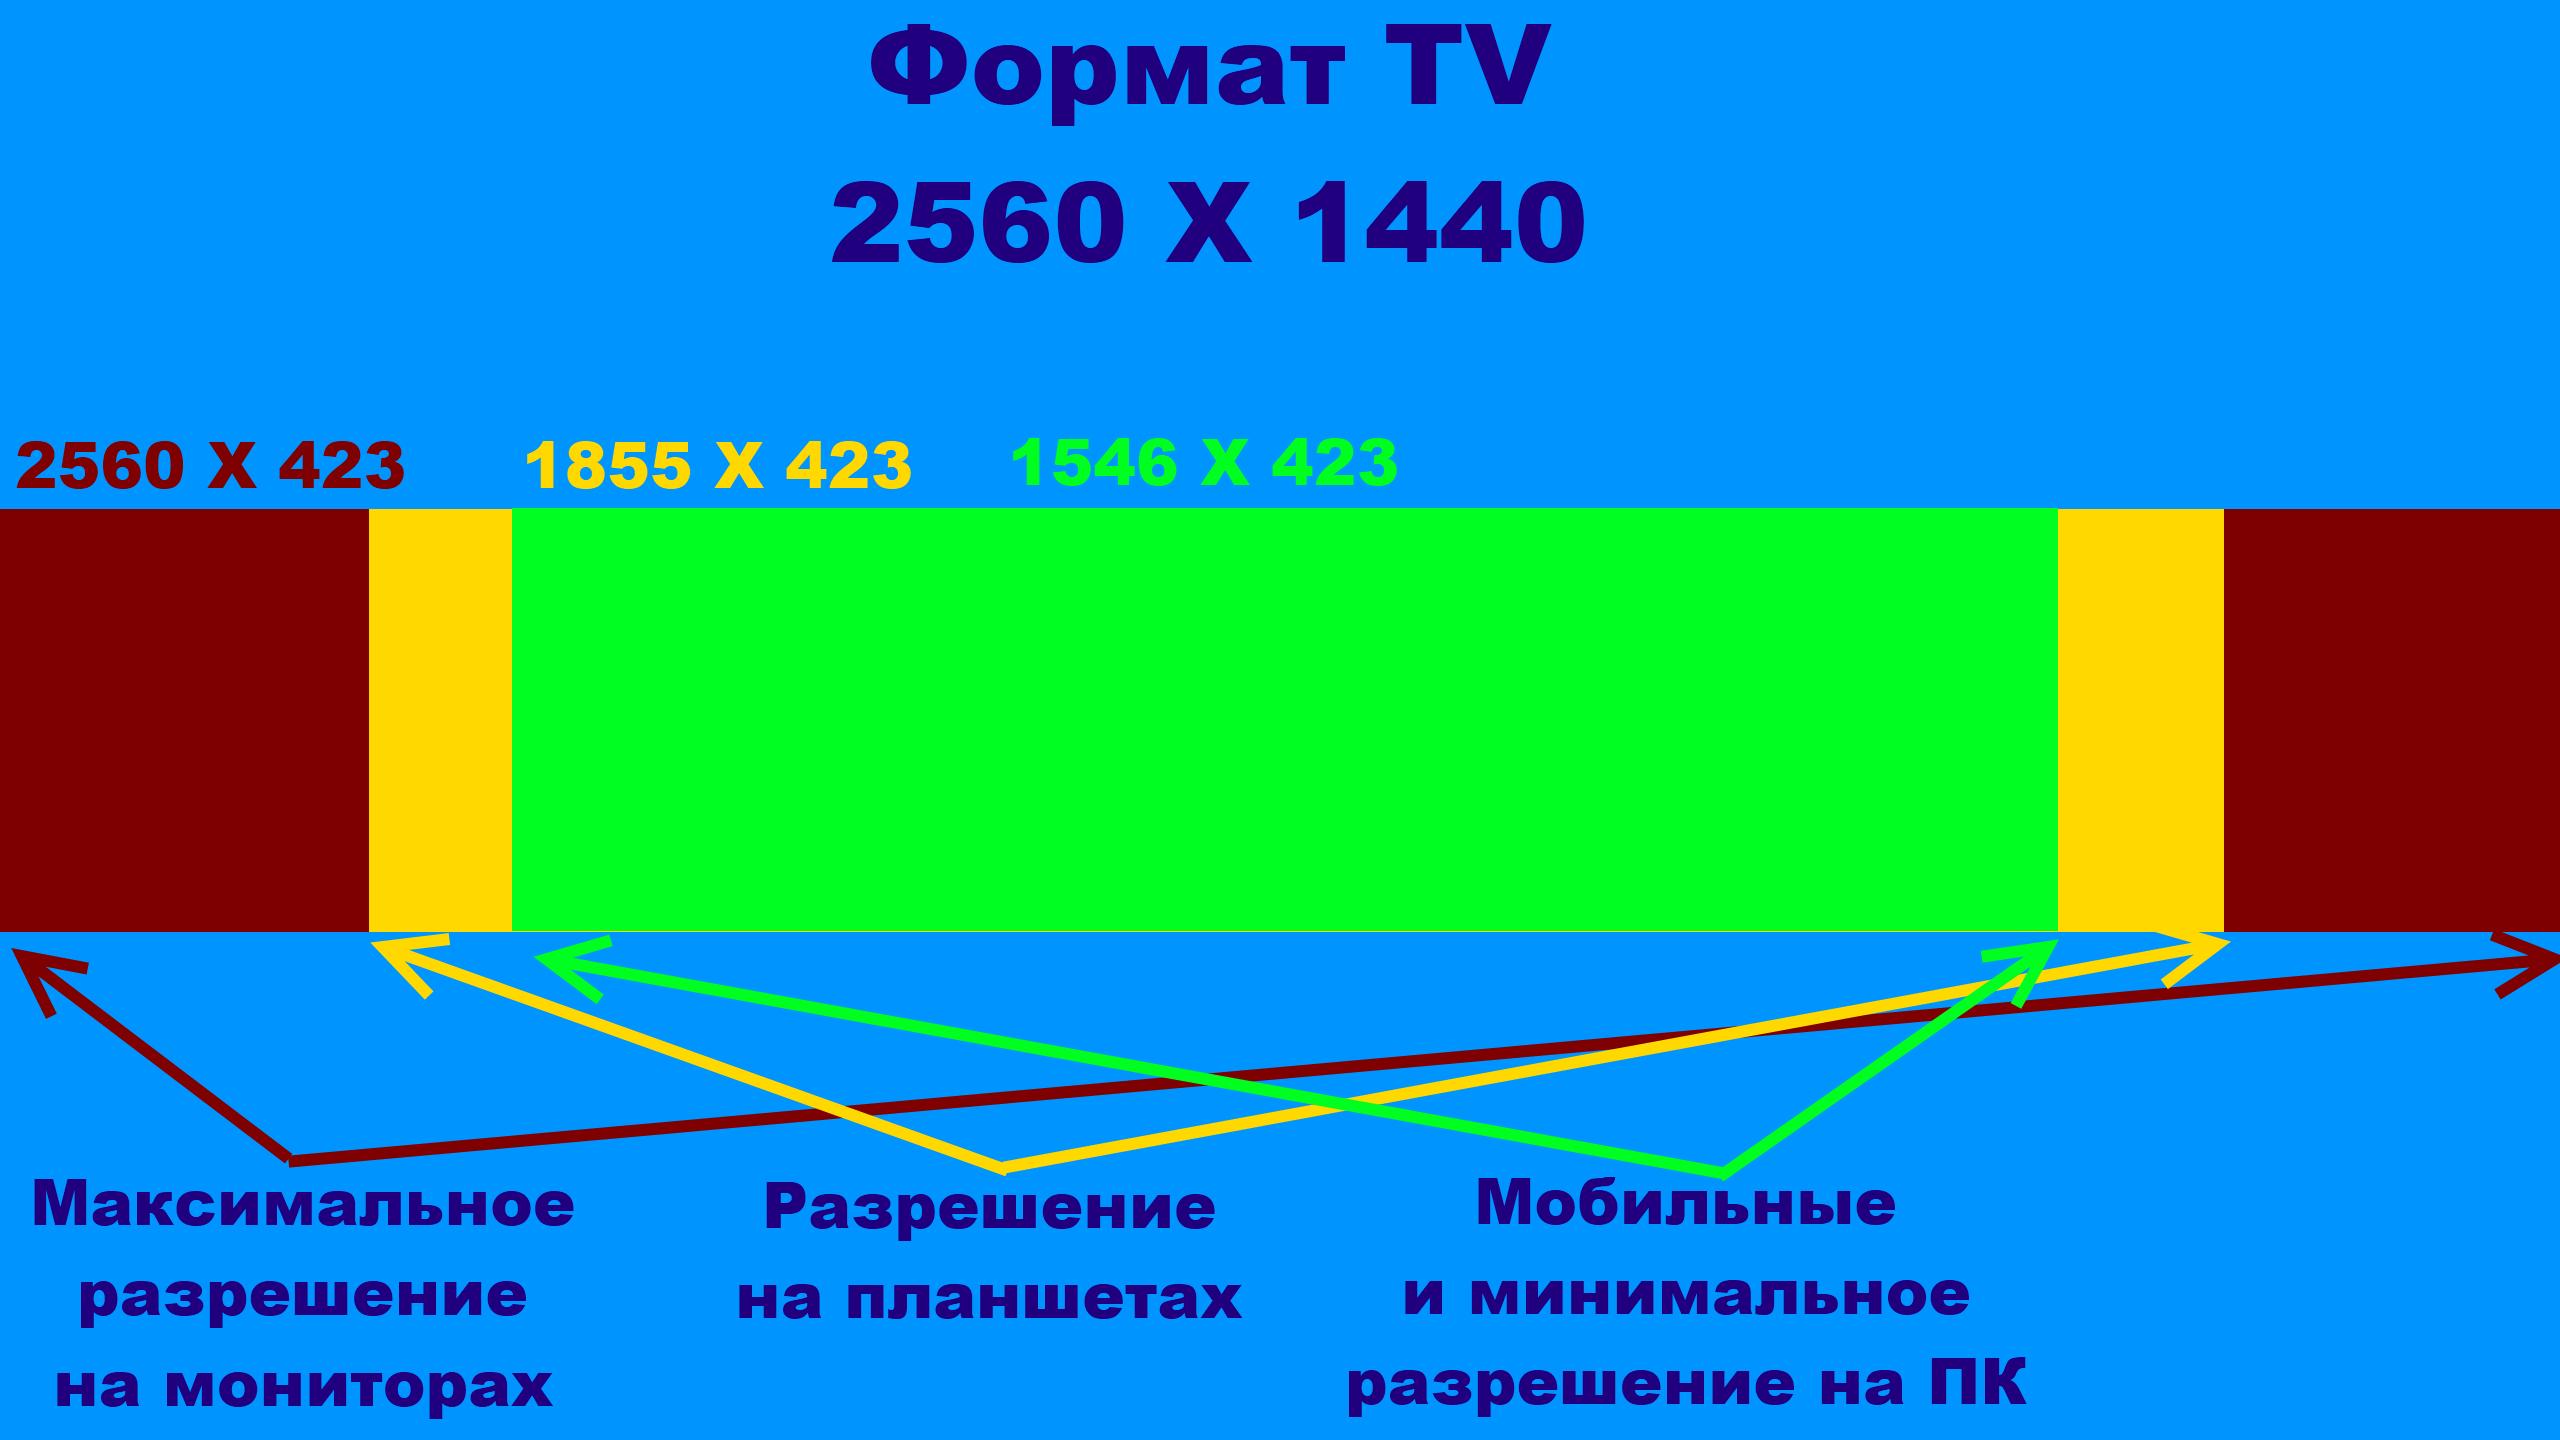 Изображения 2048 х 1152 пикселей для ютуба   подборка (16)